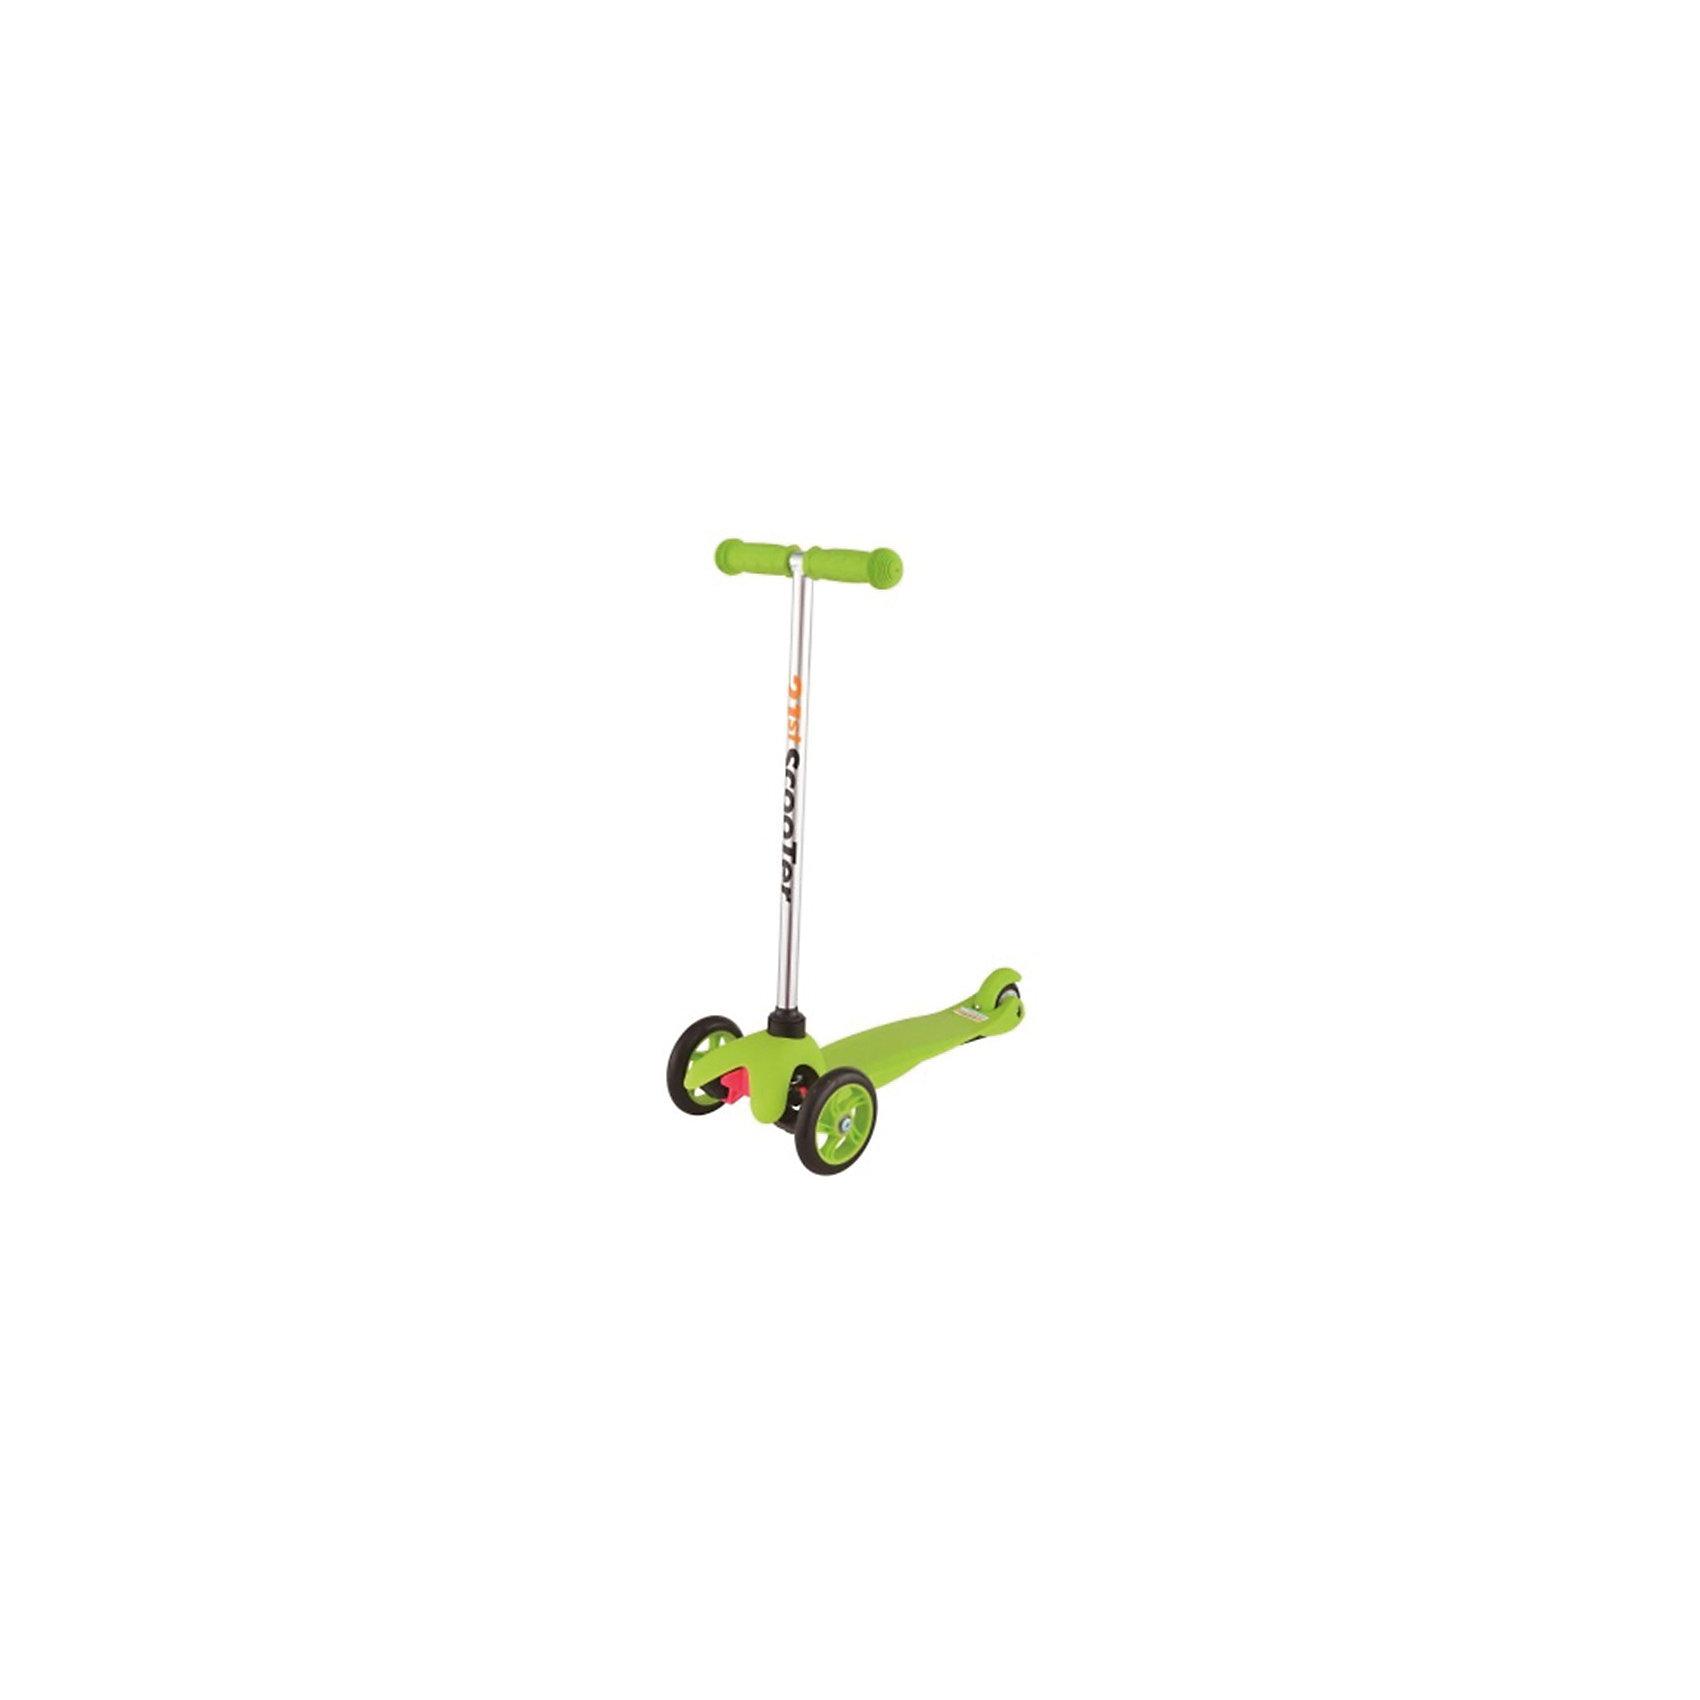 Самокат 3-х колёсный Maxi Scooter, зелёный, 21st scooTer21st scooter MaxiScooter (SKL-06A) - детский трехколесный самокат с амортизацией передней вилки. Самокат имеет уникальную запатентованную систему управления. Гибкая подножка сделана из мягкого пластика усиленного стекловолокном, что исключает риск травмирования ребенка об нее.За счет своей устойчивости и плавности хода, SKL-06A очень просто освоить. Самокат изготовлен из высококачественных материалов. Он отлично способствует развитию опорно-двигательного аппарата ребенка его координацию движения и навыки балансировки.Характеристики:• Вес: 2 кг.• Возраст:  от 3-х лет• Максимальная нагрузка: до 30 кг.• Материал: алюминий, полипропилен, стеклопластик• Колеса: полиуретановые литые колеса PU• Диаметр колес: передние 120 мм, заднее 80 мм.• Подшипники: ABEC-1• Тормоз: задний тормоз наступающий (step-on brake)• Размеры: 67х23х53,5 см.• Размер платформы: 52х11 см.<br><br>Ширина мм: 610<br>Глубина мм: 450<br>Высота мм: 390<br>Вес г: 2400<br>Возраст от месяцев: 36<br>Возраст до месяцев: 2147483647<br>Пол: Унисекс<br>Возраст: Детский<br>SKU: 5475696